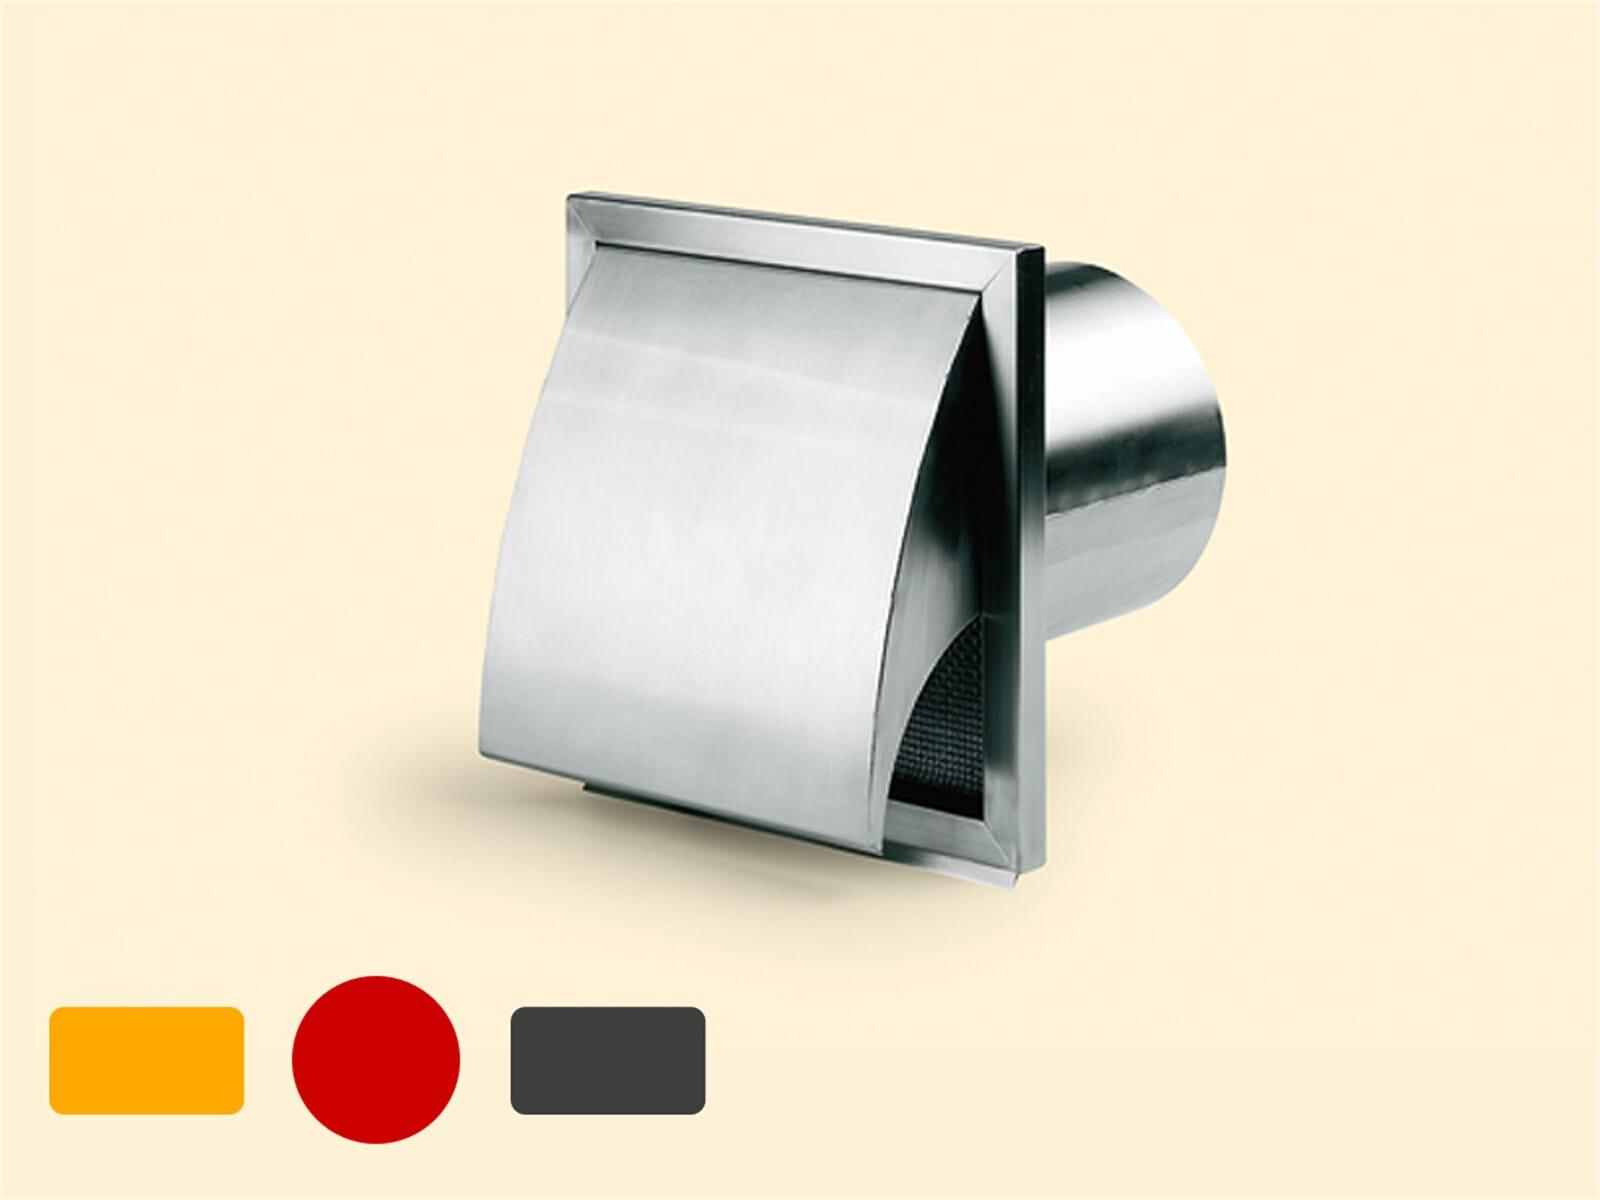 Compair 402.2.015 E-Jal Blow Außenjalousie Ø125 a mm